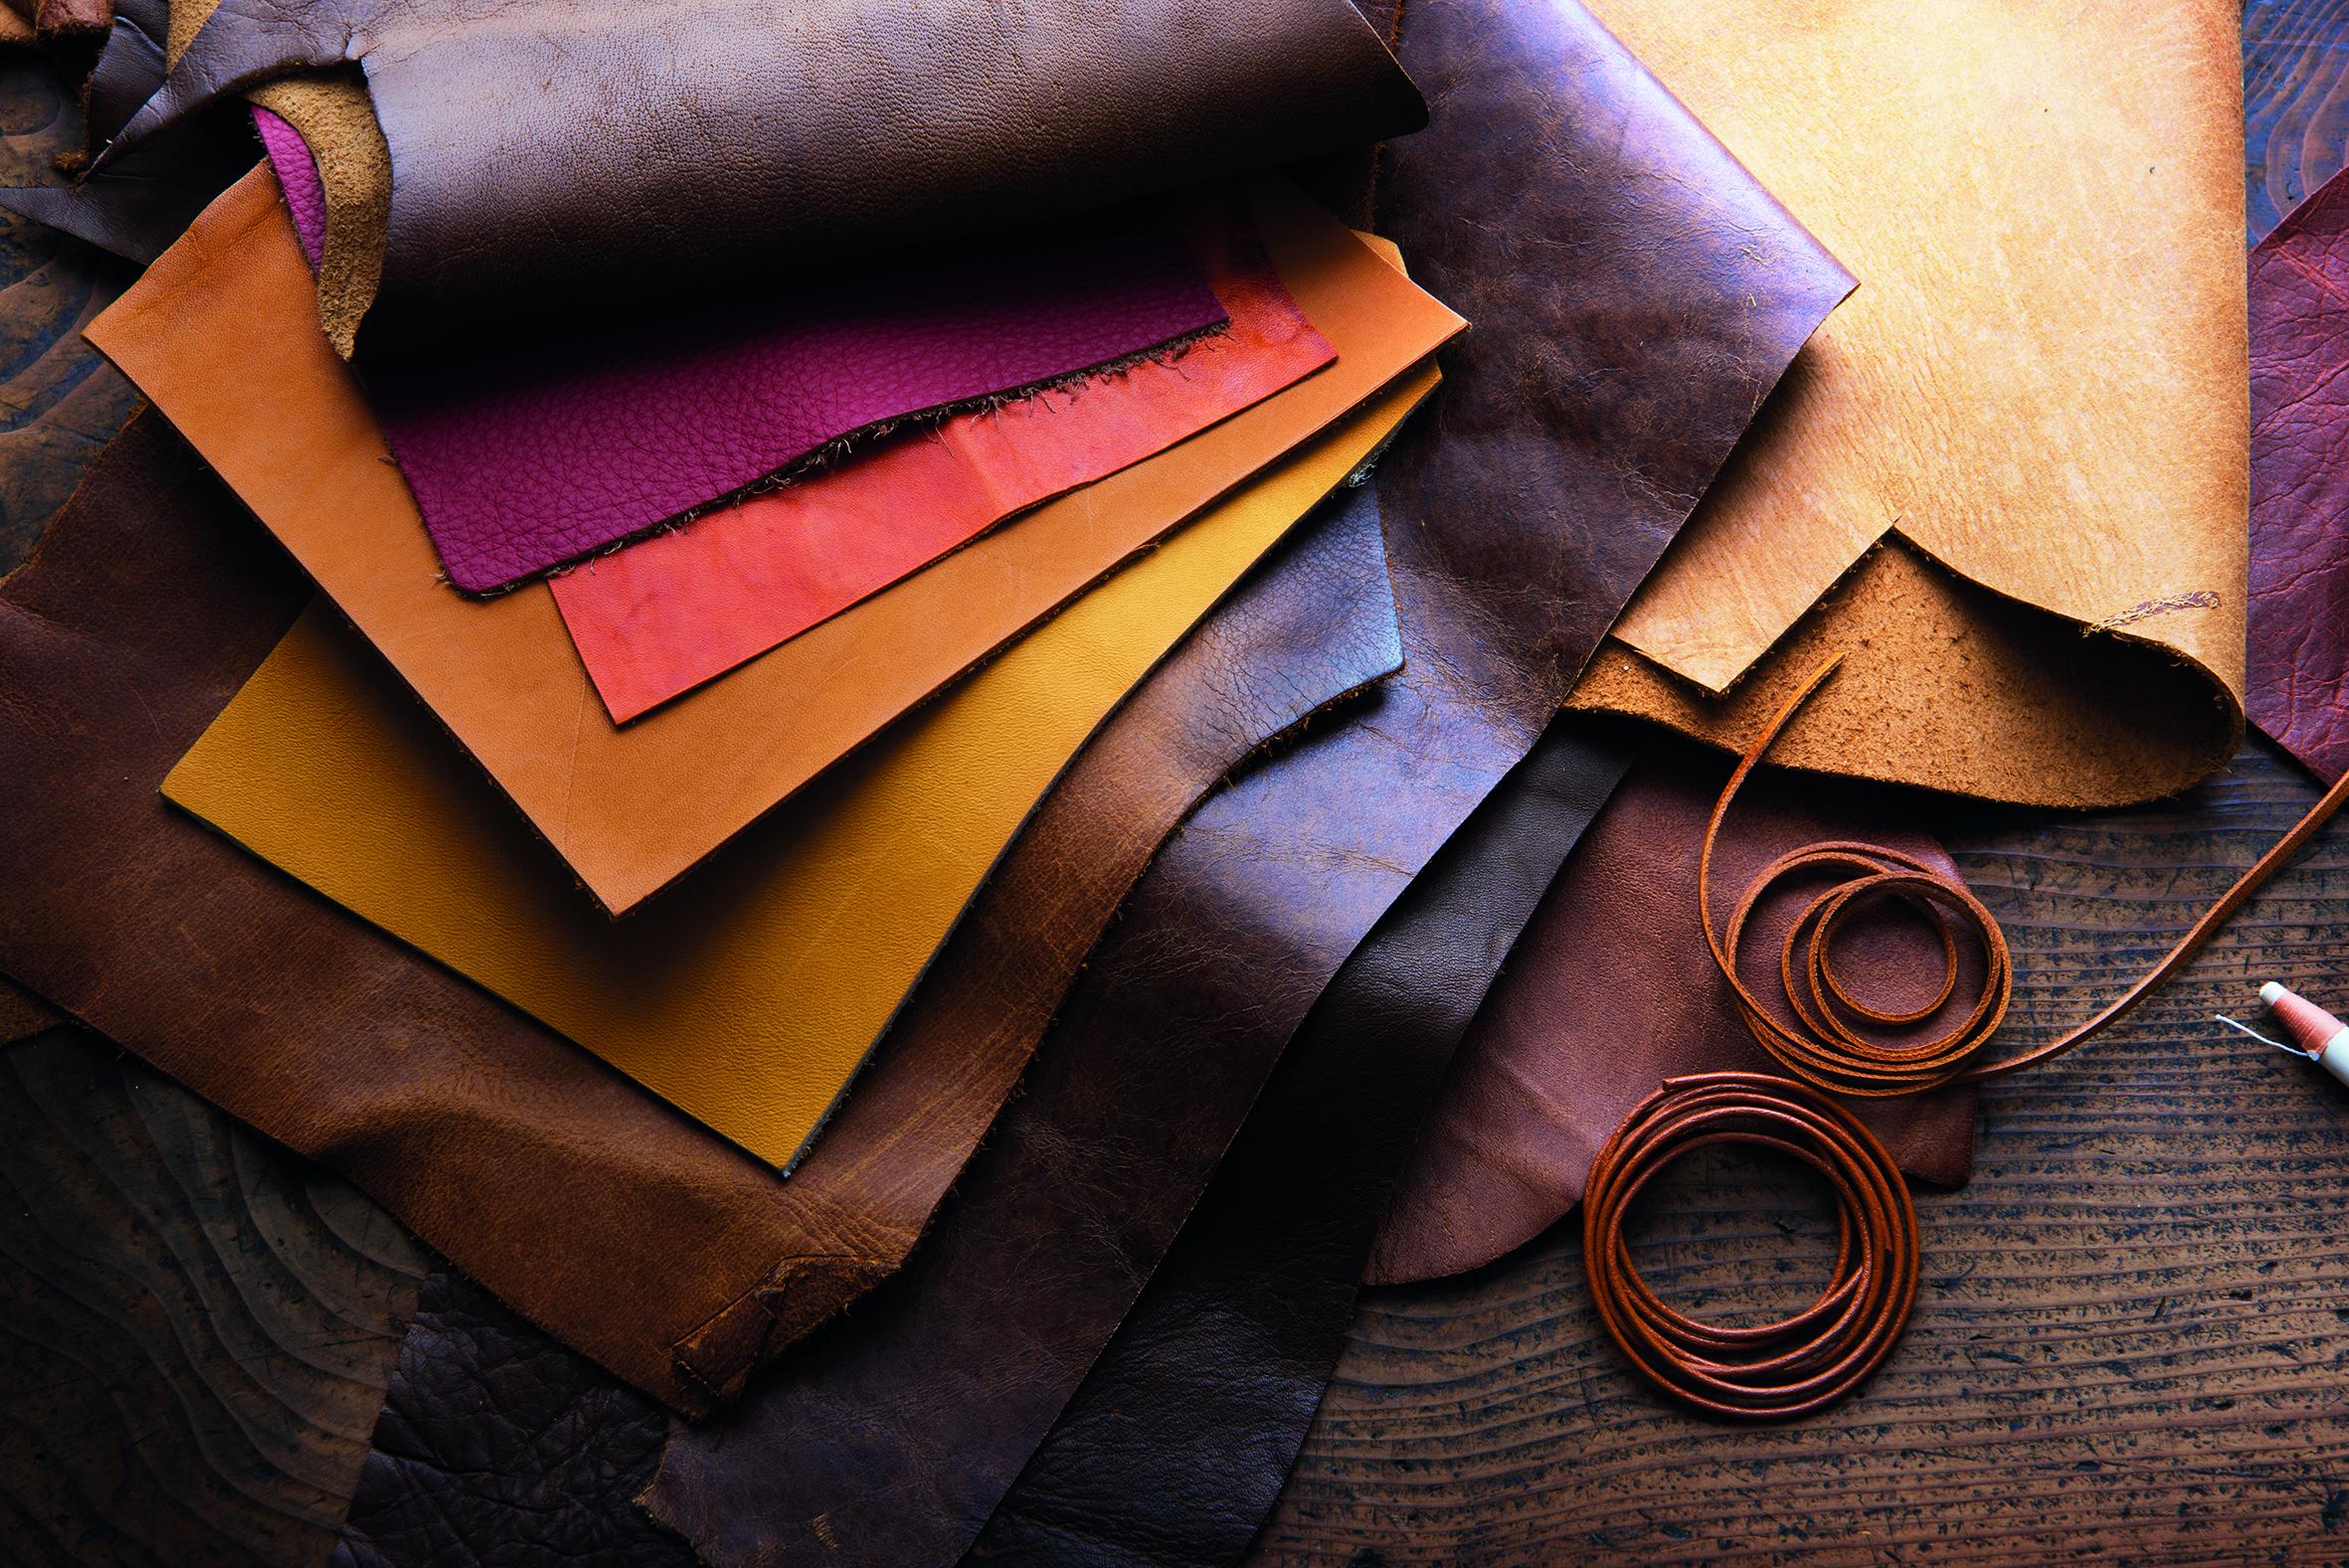 bigstock-Leather-craft-or-leather-worki-153401651.jpg